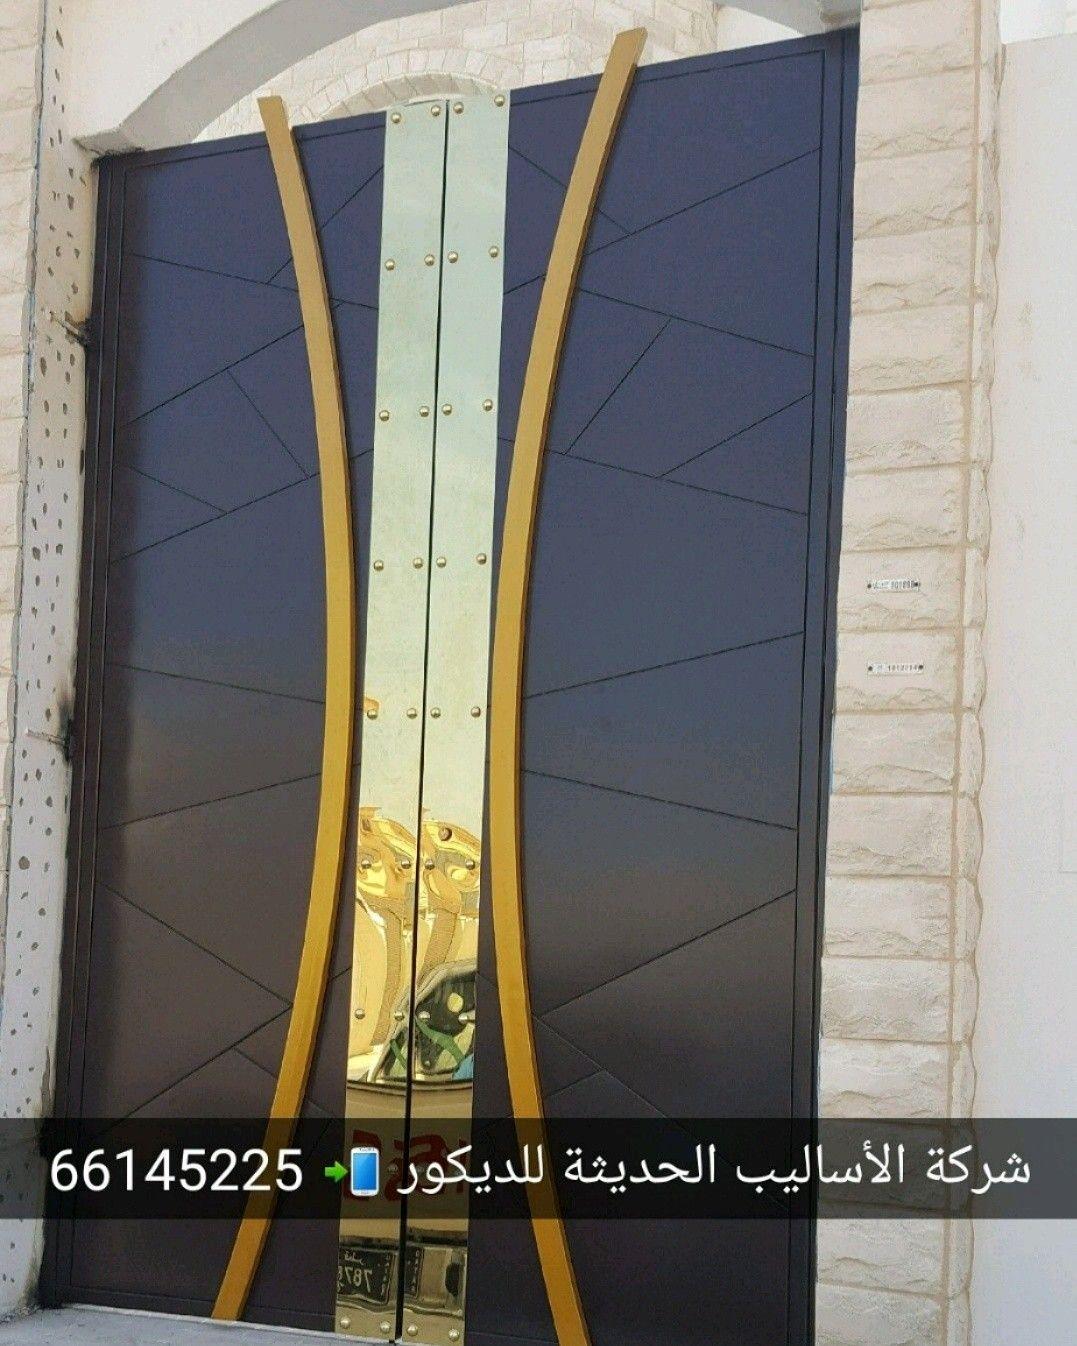 باب الفيلا من الحديد و الستانلس الذهبي شركة الأساليب الحديثة للديكور و الزجاج المعشق 0097466145225 Doors